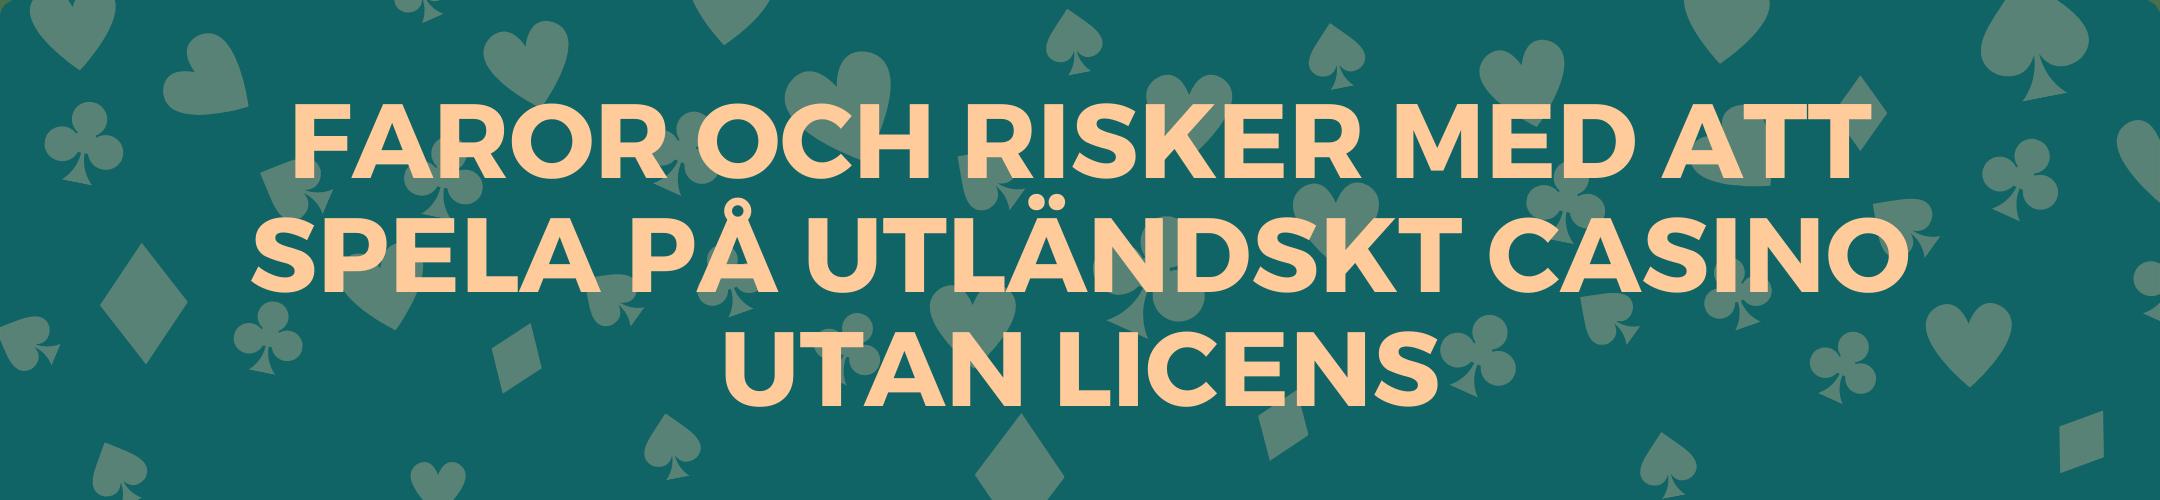 Faror och risker med att spela på utländskt casino utan licens